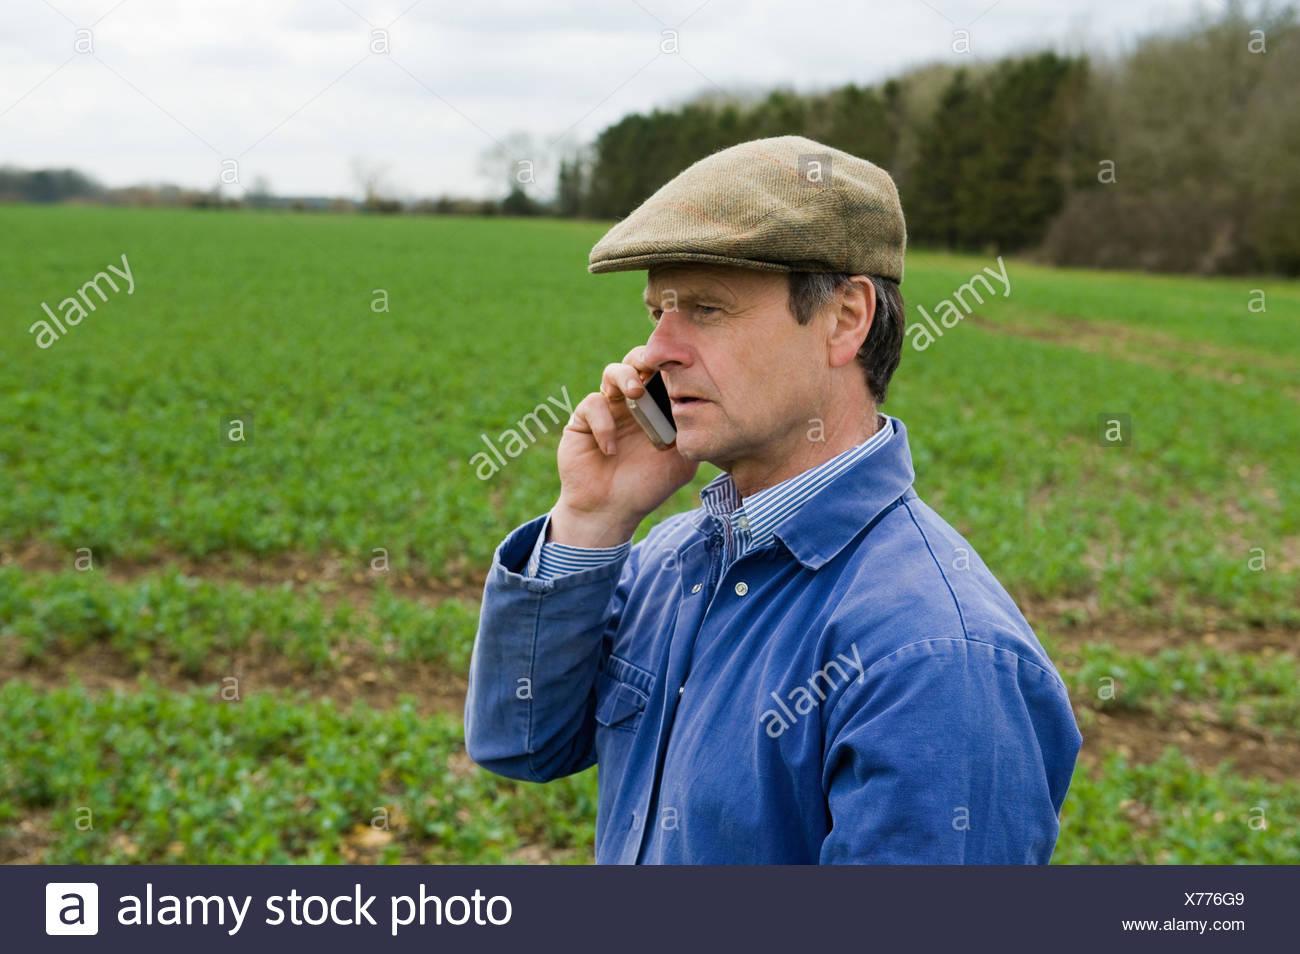 b66de618d2e6 Farmer In Flat Cap Stock Photos & Farmer In Flat Cap Stock Images ...